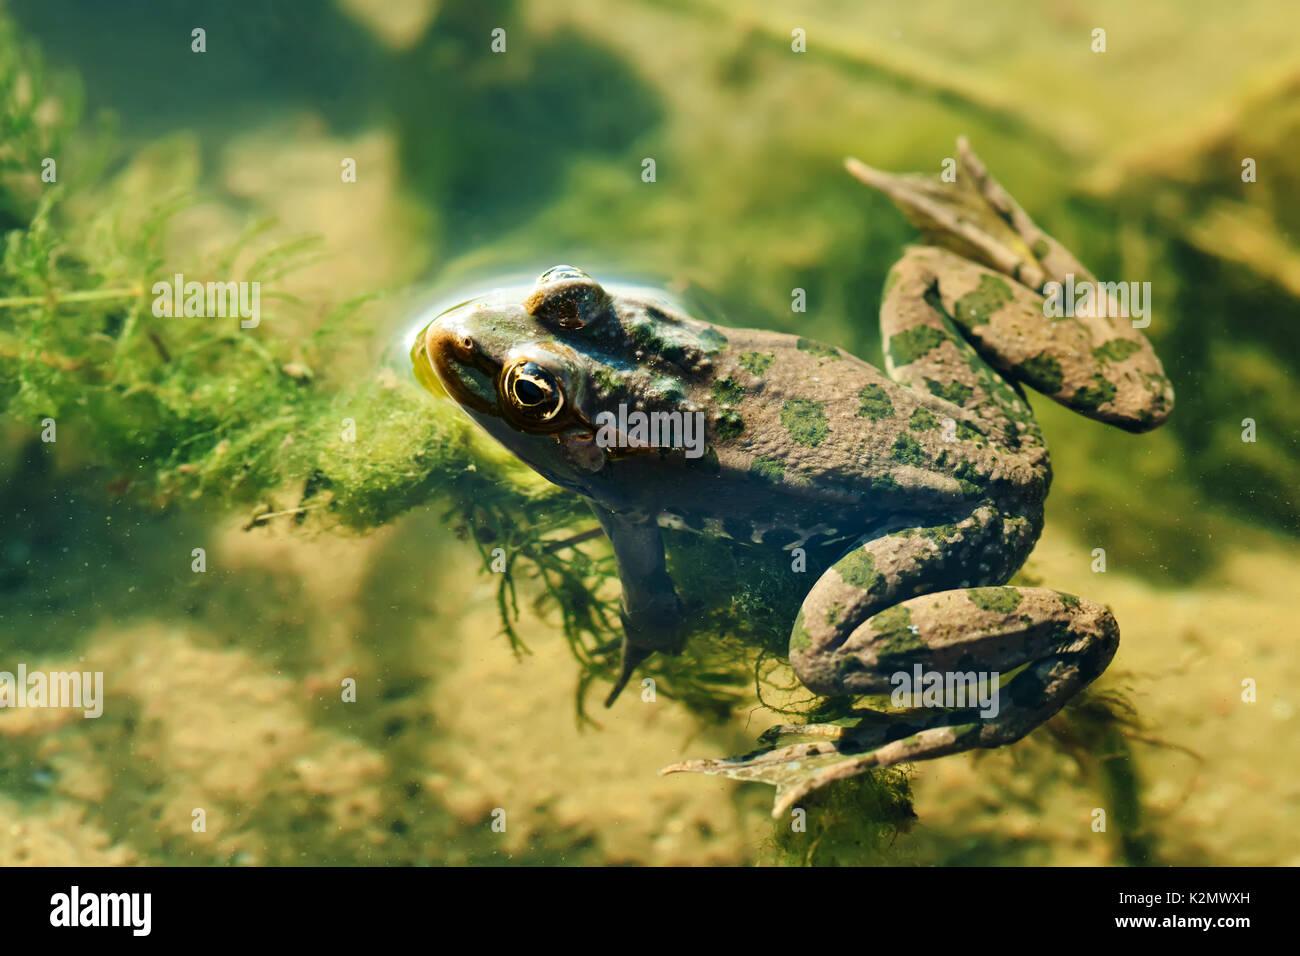 Schwimmen Green frog Marsh natürlichen Lebensraum, braun Camouflage amphibian Pelophylax ridibundus. Die Aussicht, selektiver Fokus, Fluss floral background Stockbild